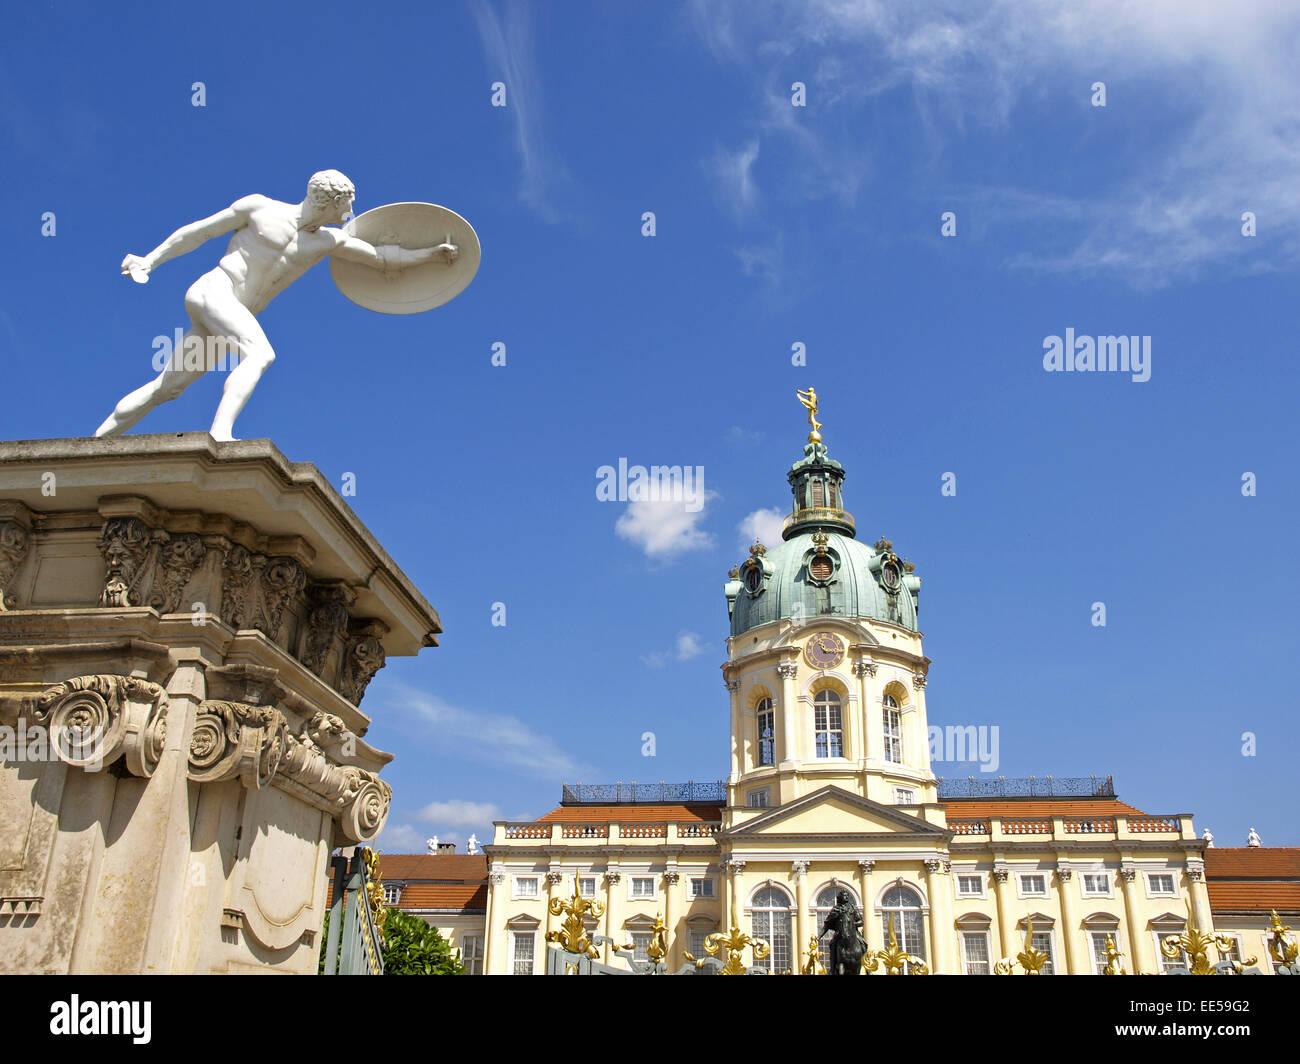 Deutschland, Berlin, Europa, Hauptstadt, Stadt, Sehenswuerdigkeit, Stadtteil Charlottenburg, Schloss Charlottenburg, - Stock Image